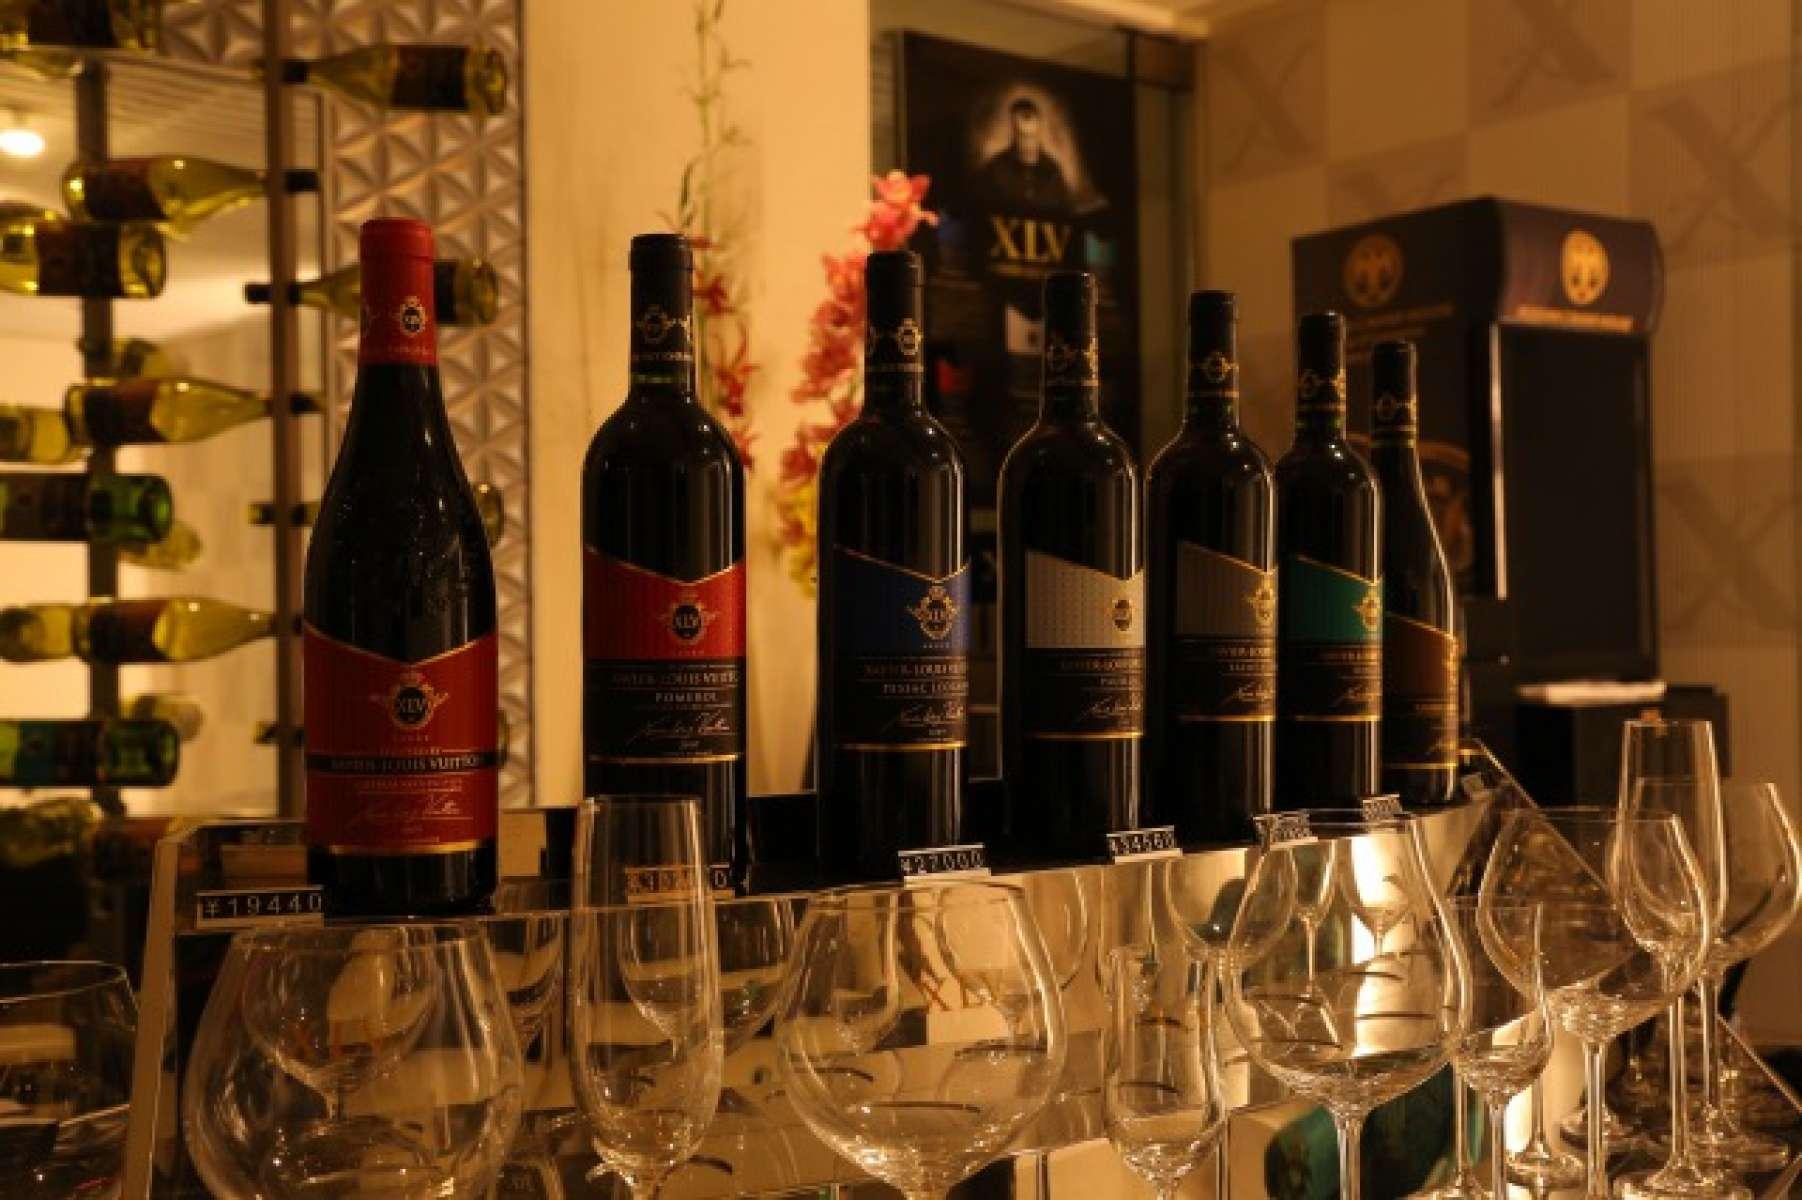 国内ではお目にかかれないザビエ・ルイ・ヴィトン氏プロデュースのワインをはじめ、ソムリエが厳選したワインを豊富に揃えています。また食材にもこだわっており、市場ではなく直接仕入れ。一流シェフが旬の京野菜や希少なブランド肉を使用し、美しい一皿に仕立てます。